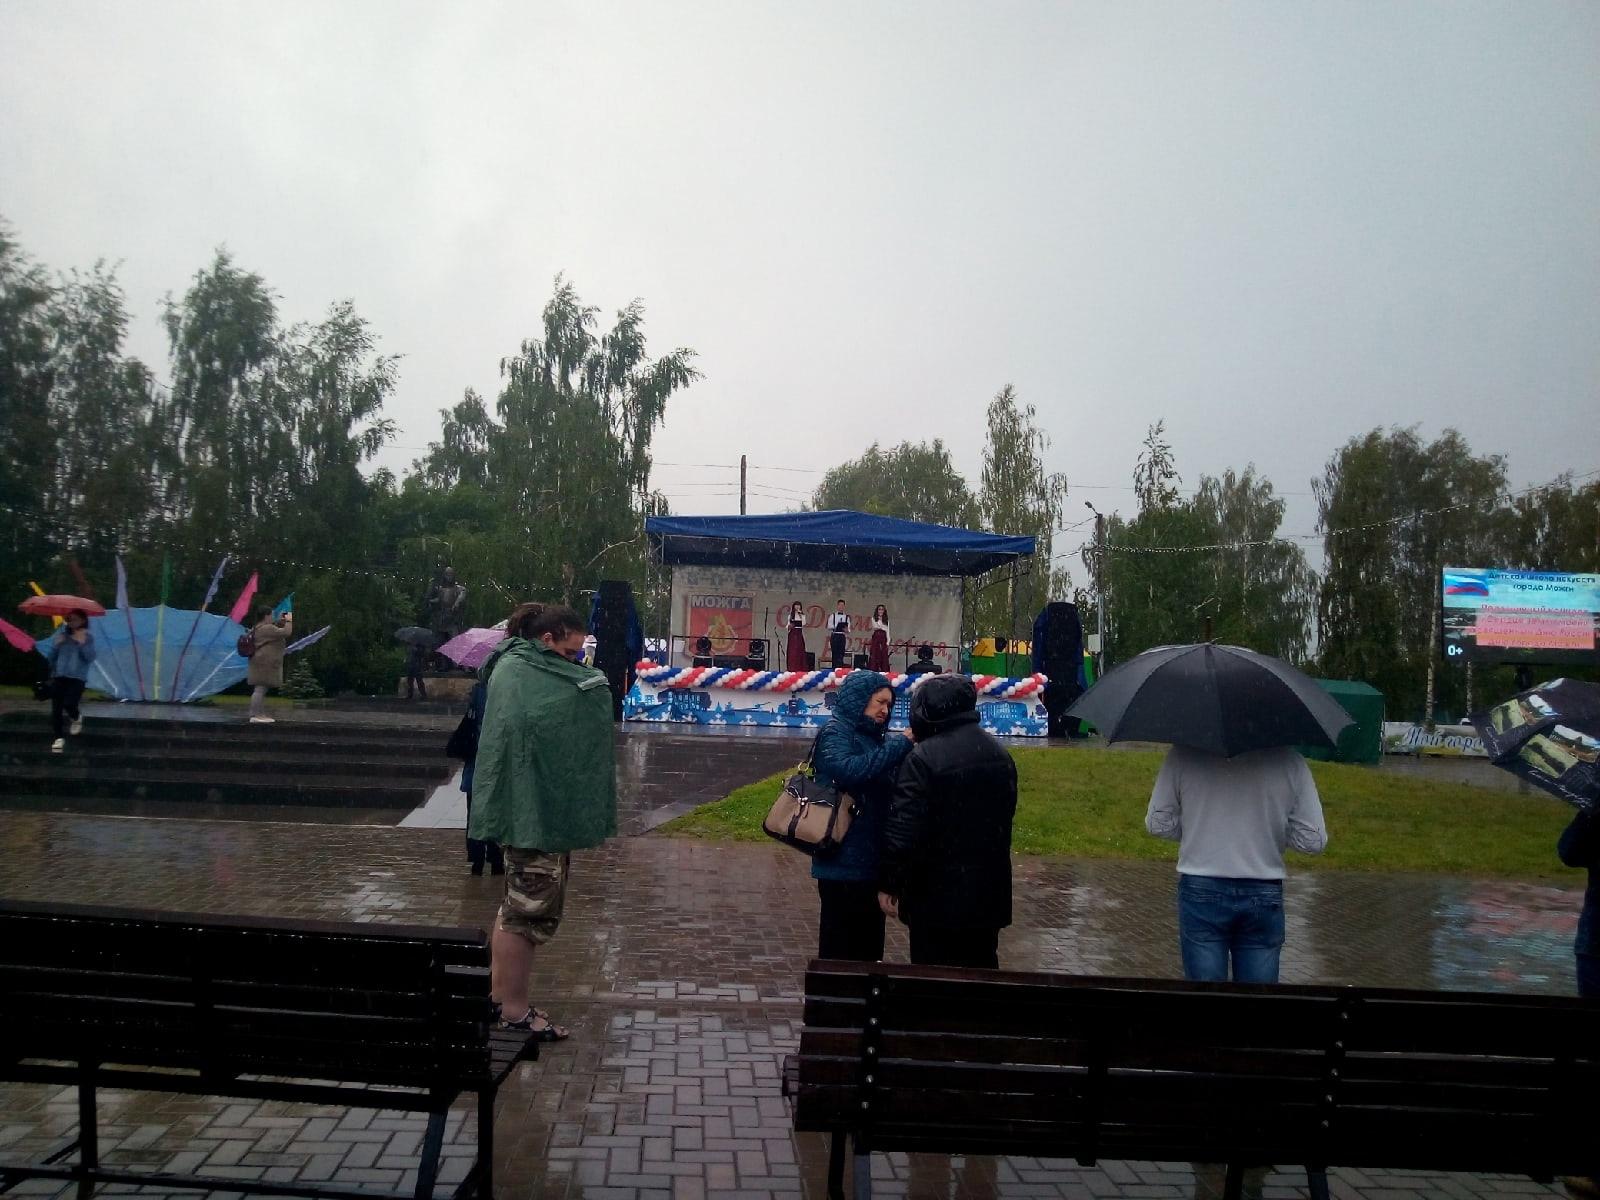 Несмотря на погоду на центральной площади продолжается